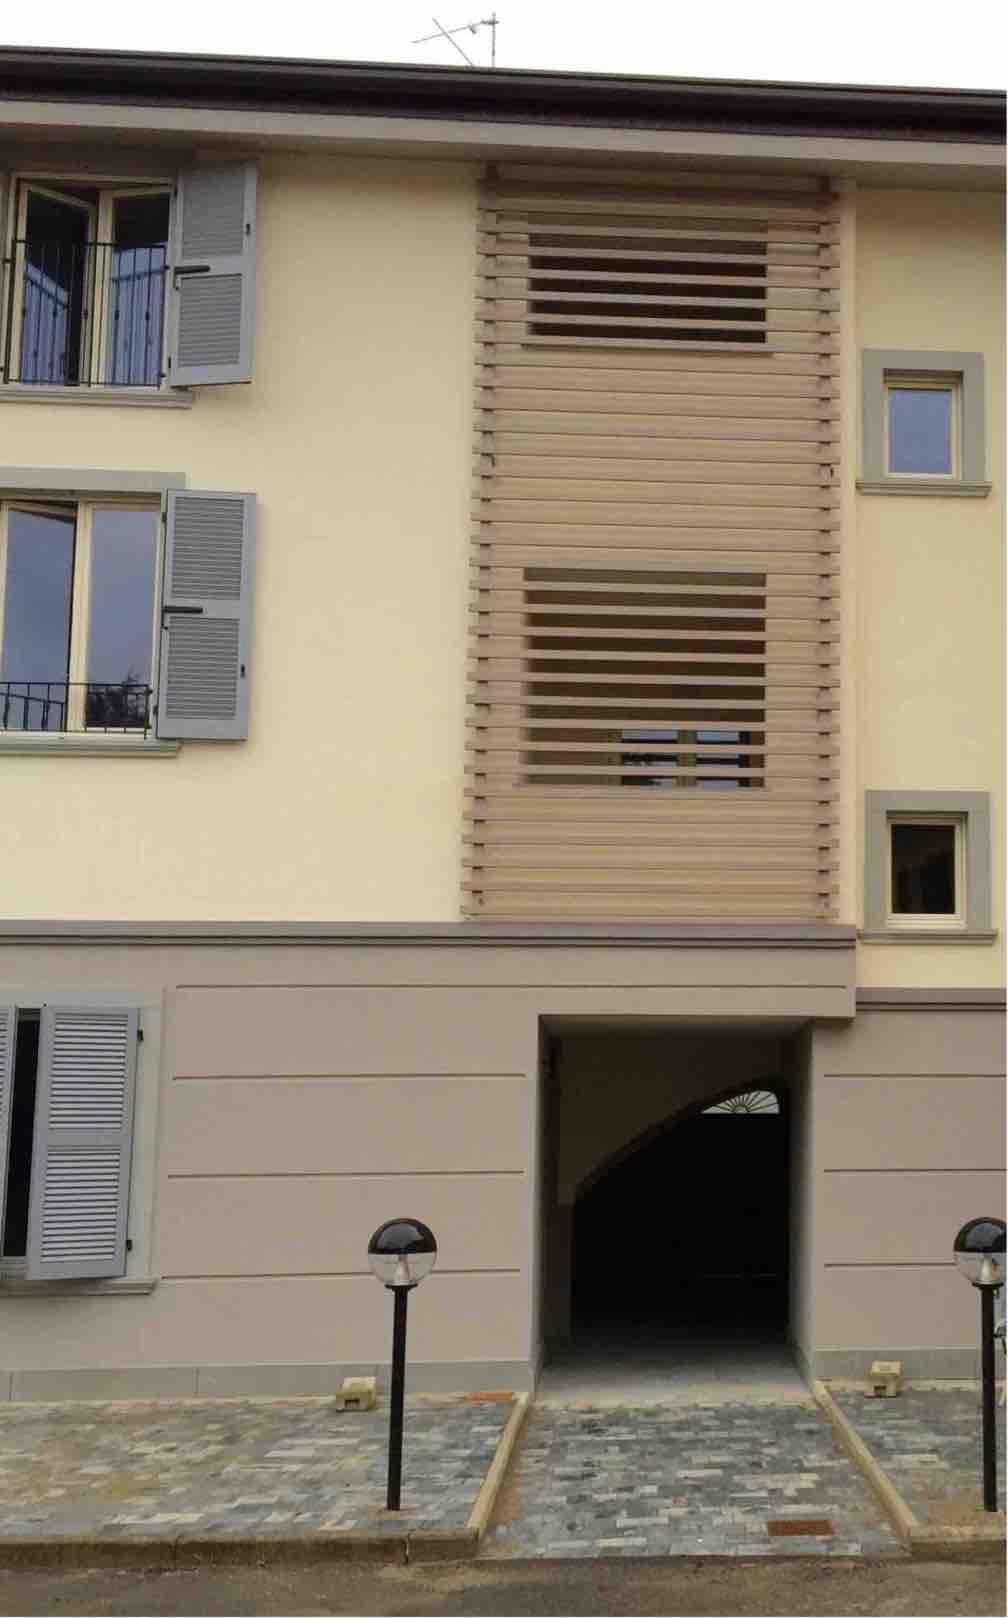 Inaugurazione dei 9 appartamenti di Housing Sociale: Pedrengo 18 Settembre ore 17,00